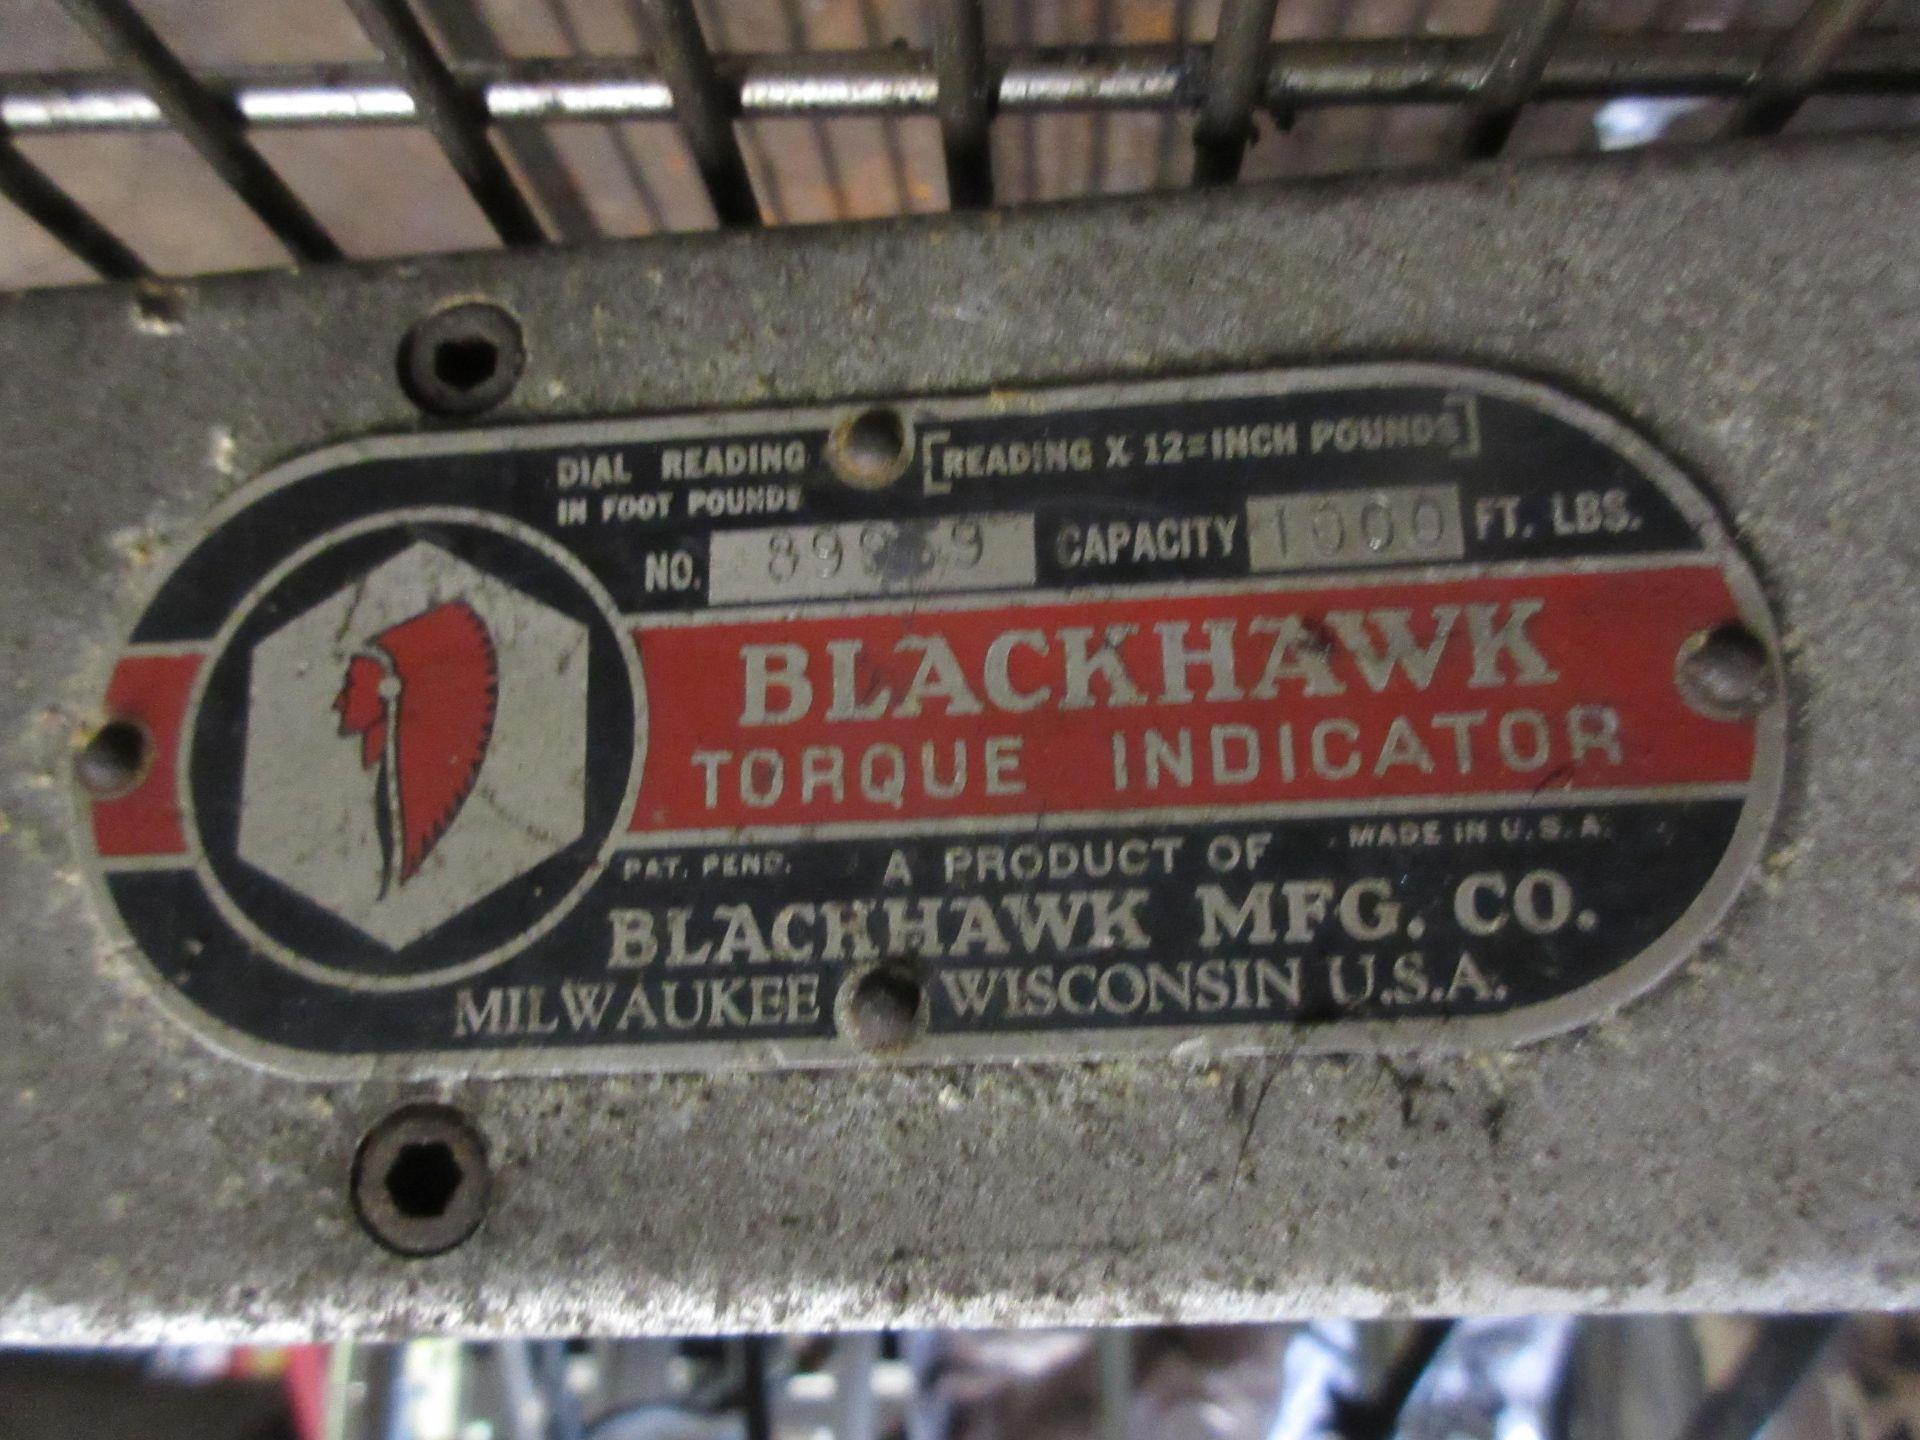 (1) Blackhawk 89959 Socket Wrench - Image 2 of 2